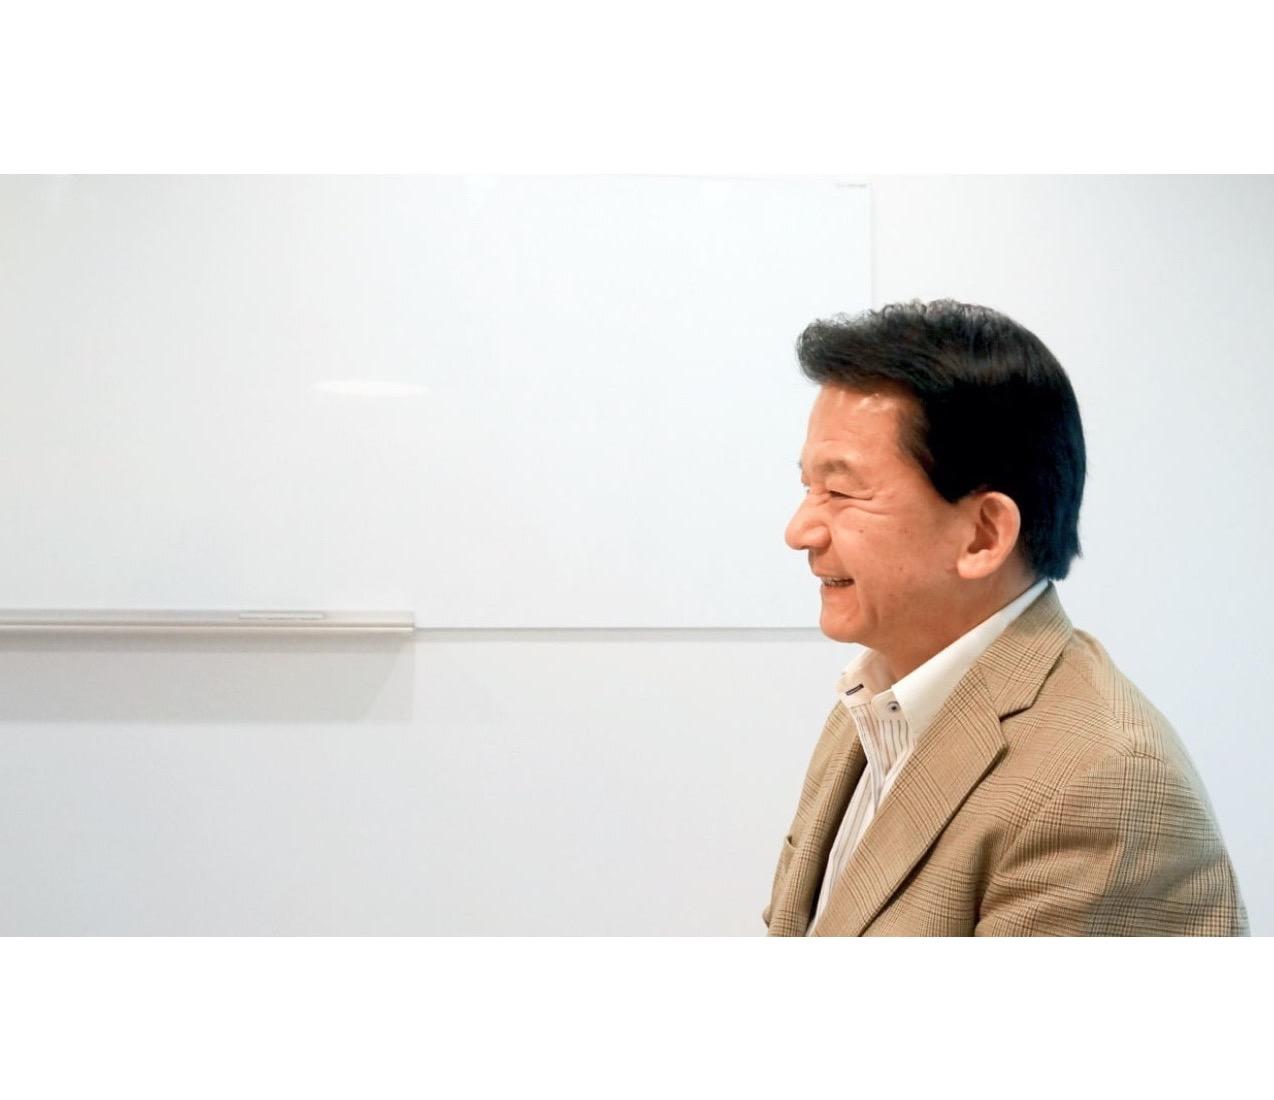 スポンサー企業の日本ハネウェル様へインタビュー